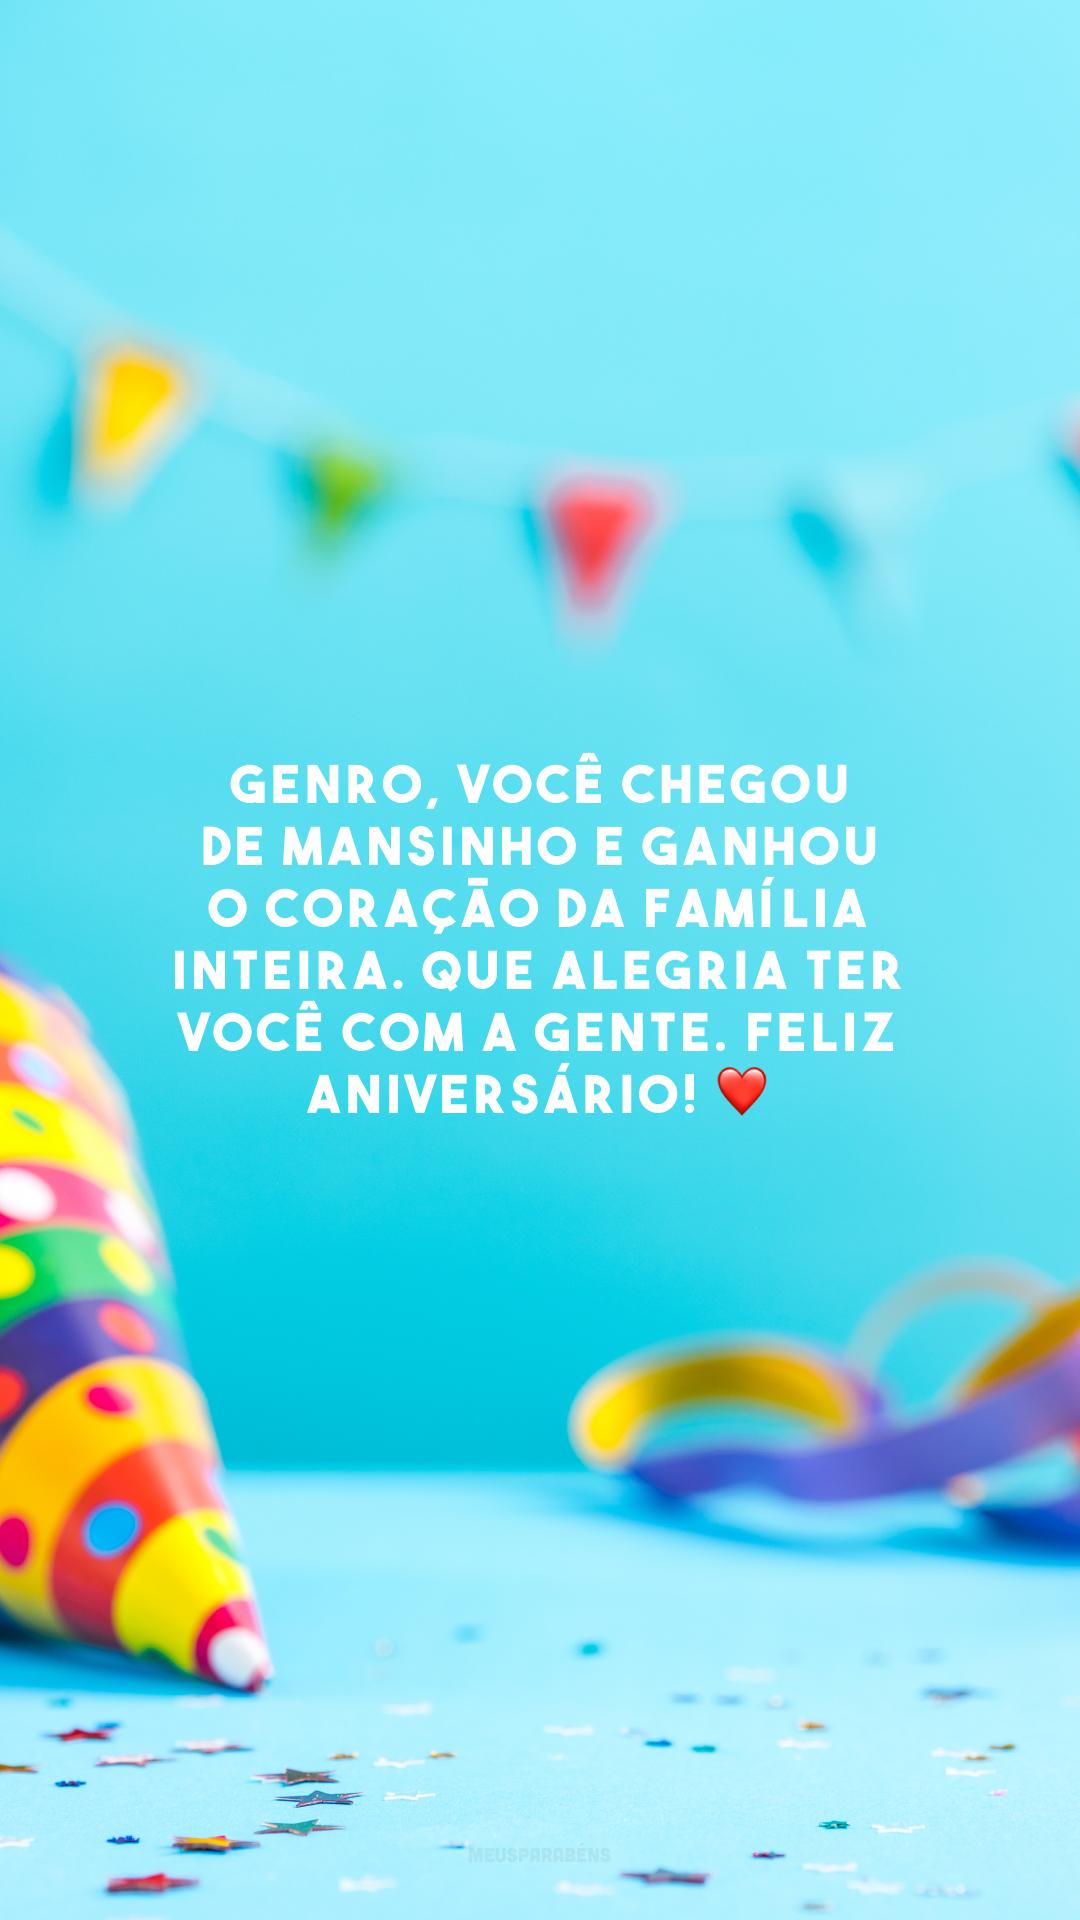 Genro, você chegou de mansinho e ganhou o coração da família inteira. Que alegria ter você com a gente. Feliz aniversário! ❤️